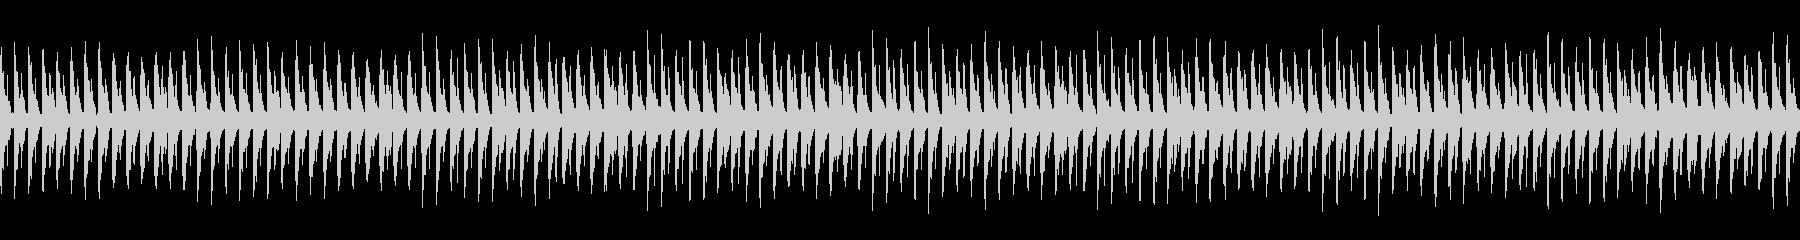 夜、軽快、疾走感:シンプルなハウスビートの未再生の波形